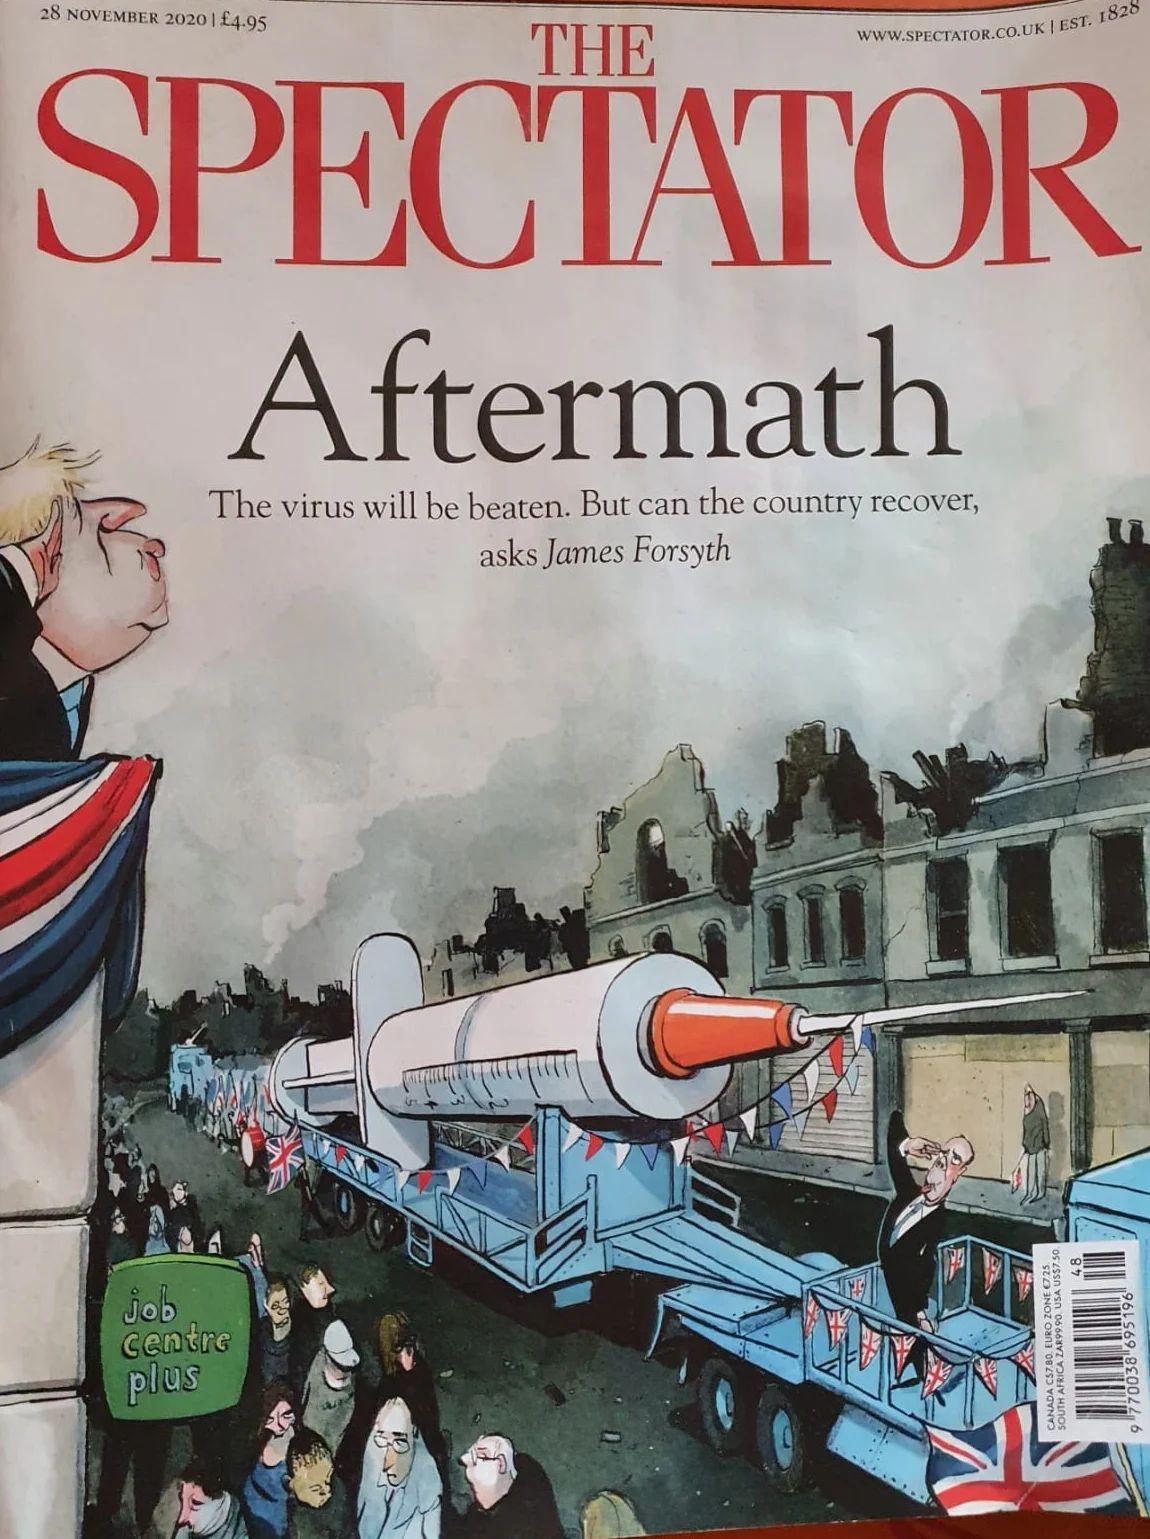 Coperta revistei The Spectator, din luna noiembrie